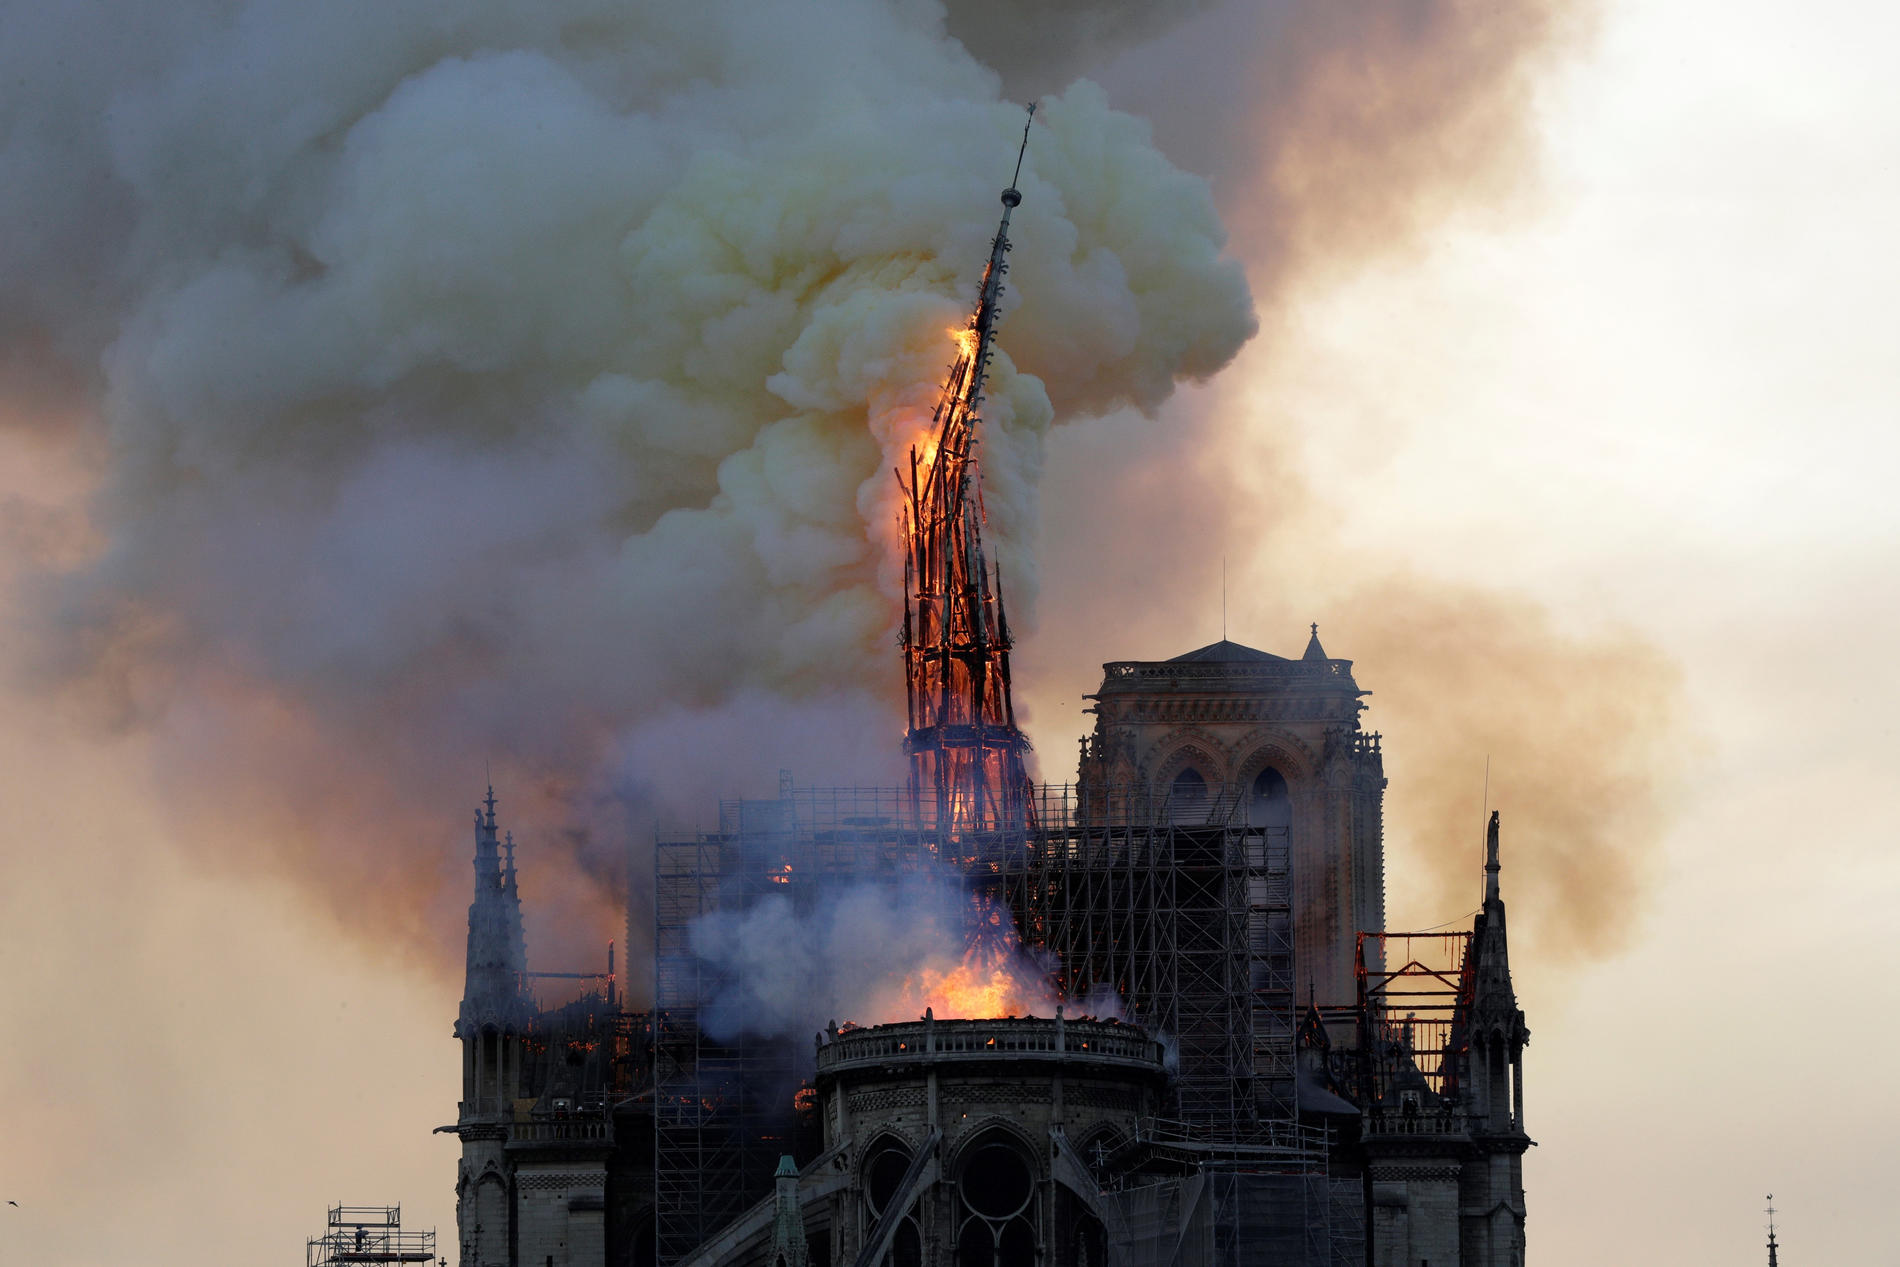 La flèche de Notre-Dame s'est effondrée après avoir brûlé.